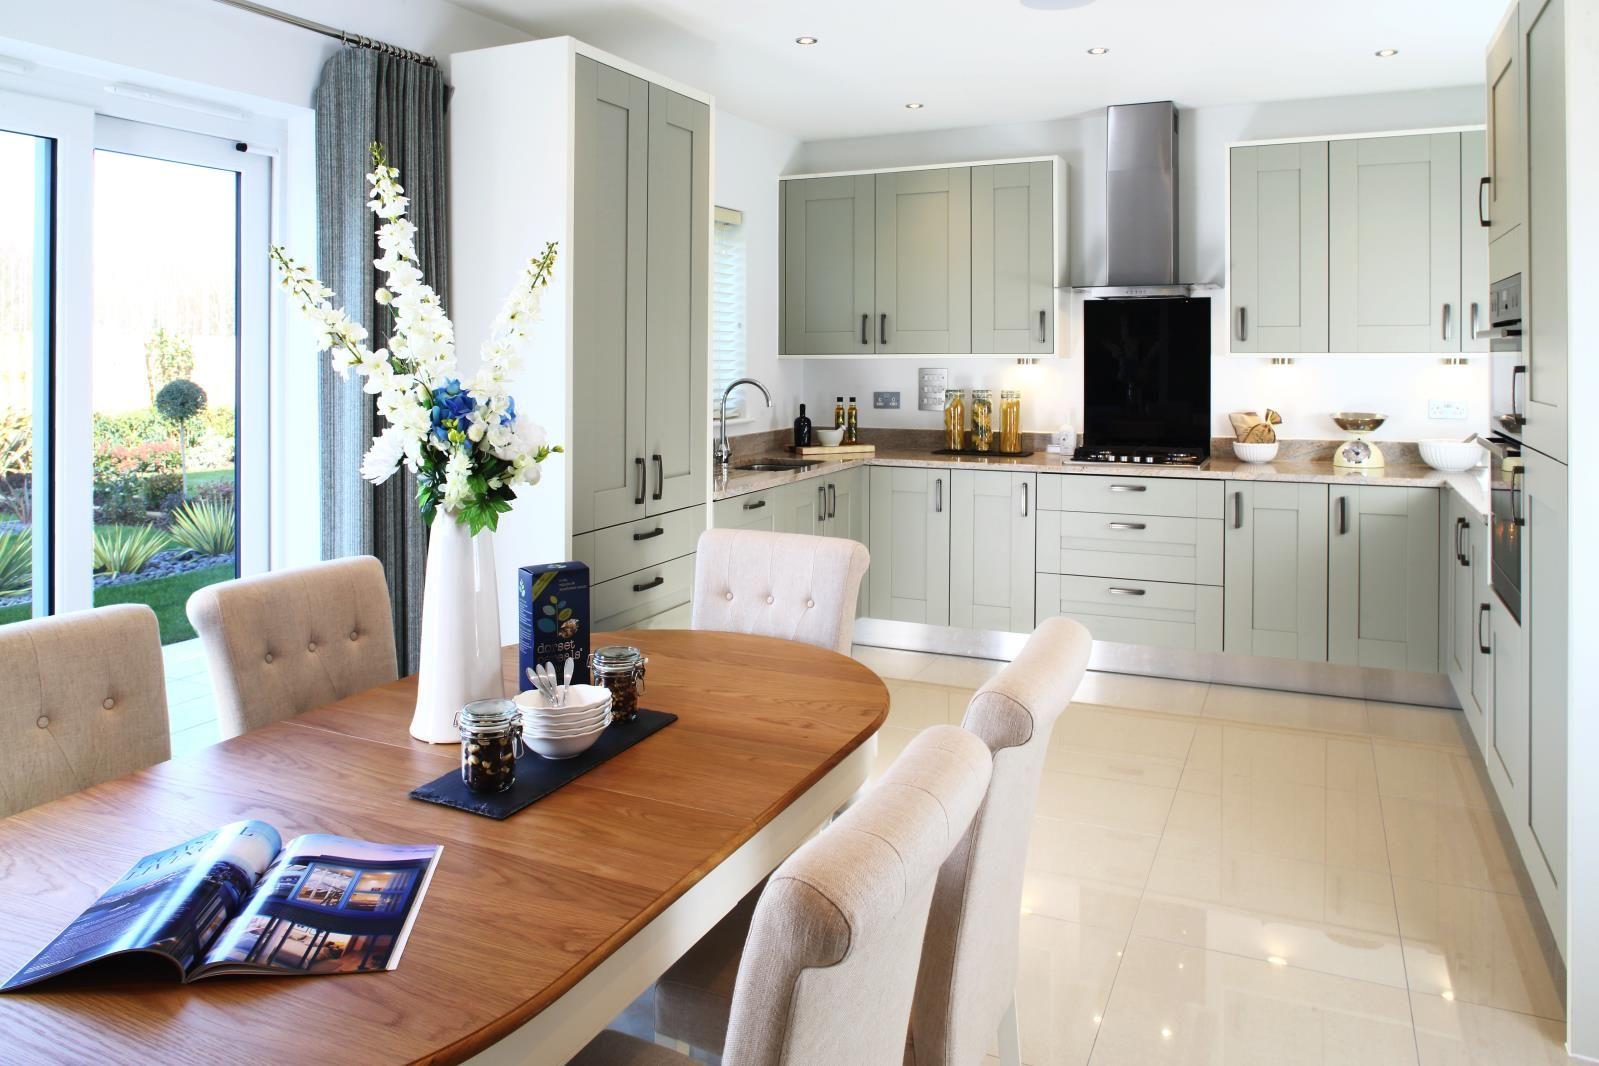 Best Classic Kitchens Kitchens Home Decor Kitchen Design 640 x 480